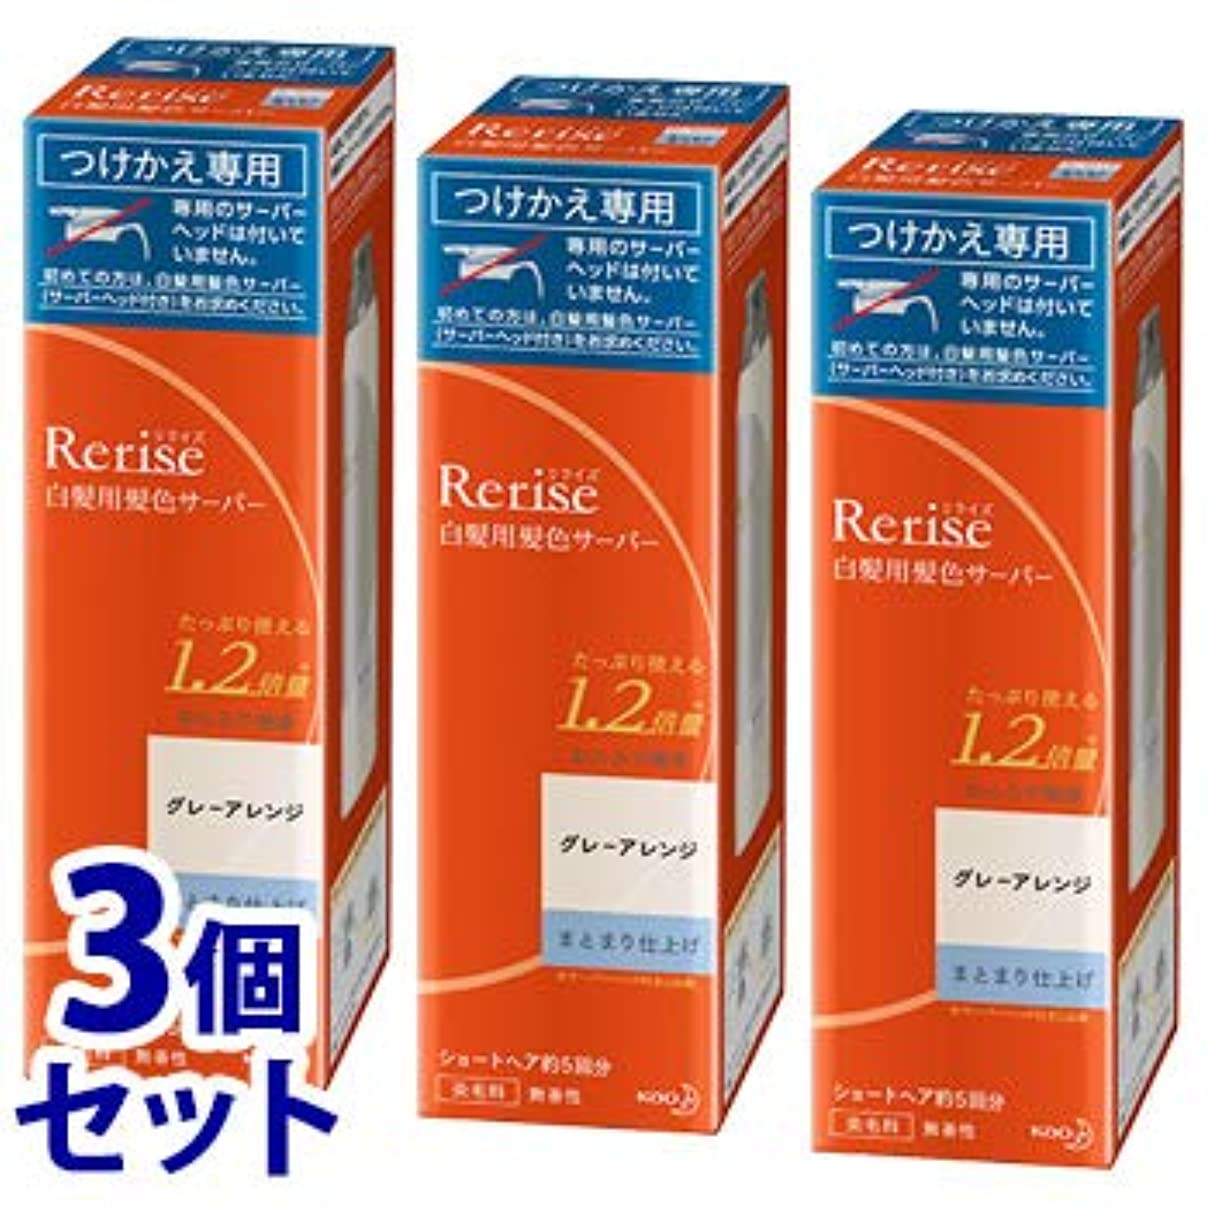 既にモンキー年齢《セット販売》 花王 リライズ 白髪用髪色サーバー グレーアレンジ まとまり仕上げ つけかえ用 (190g)×3個セット 付け替え用 染毛料